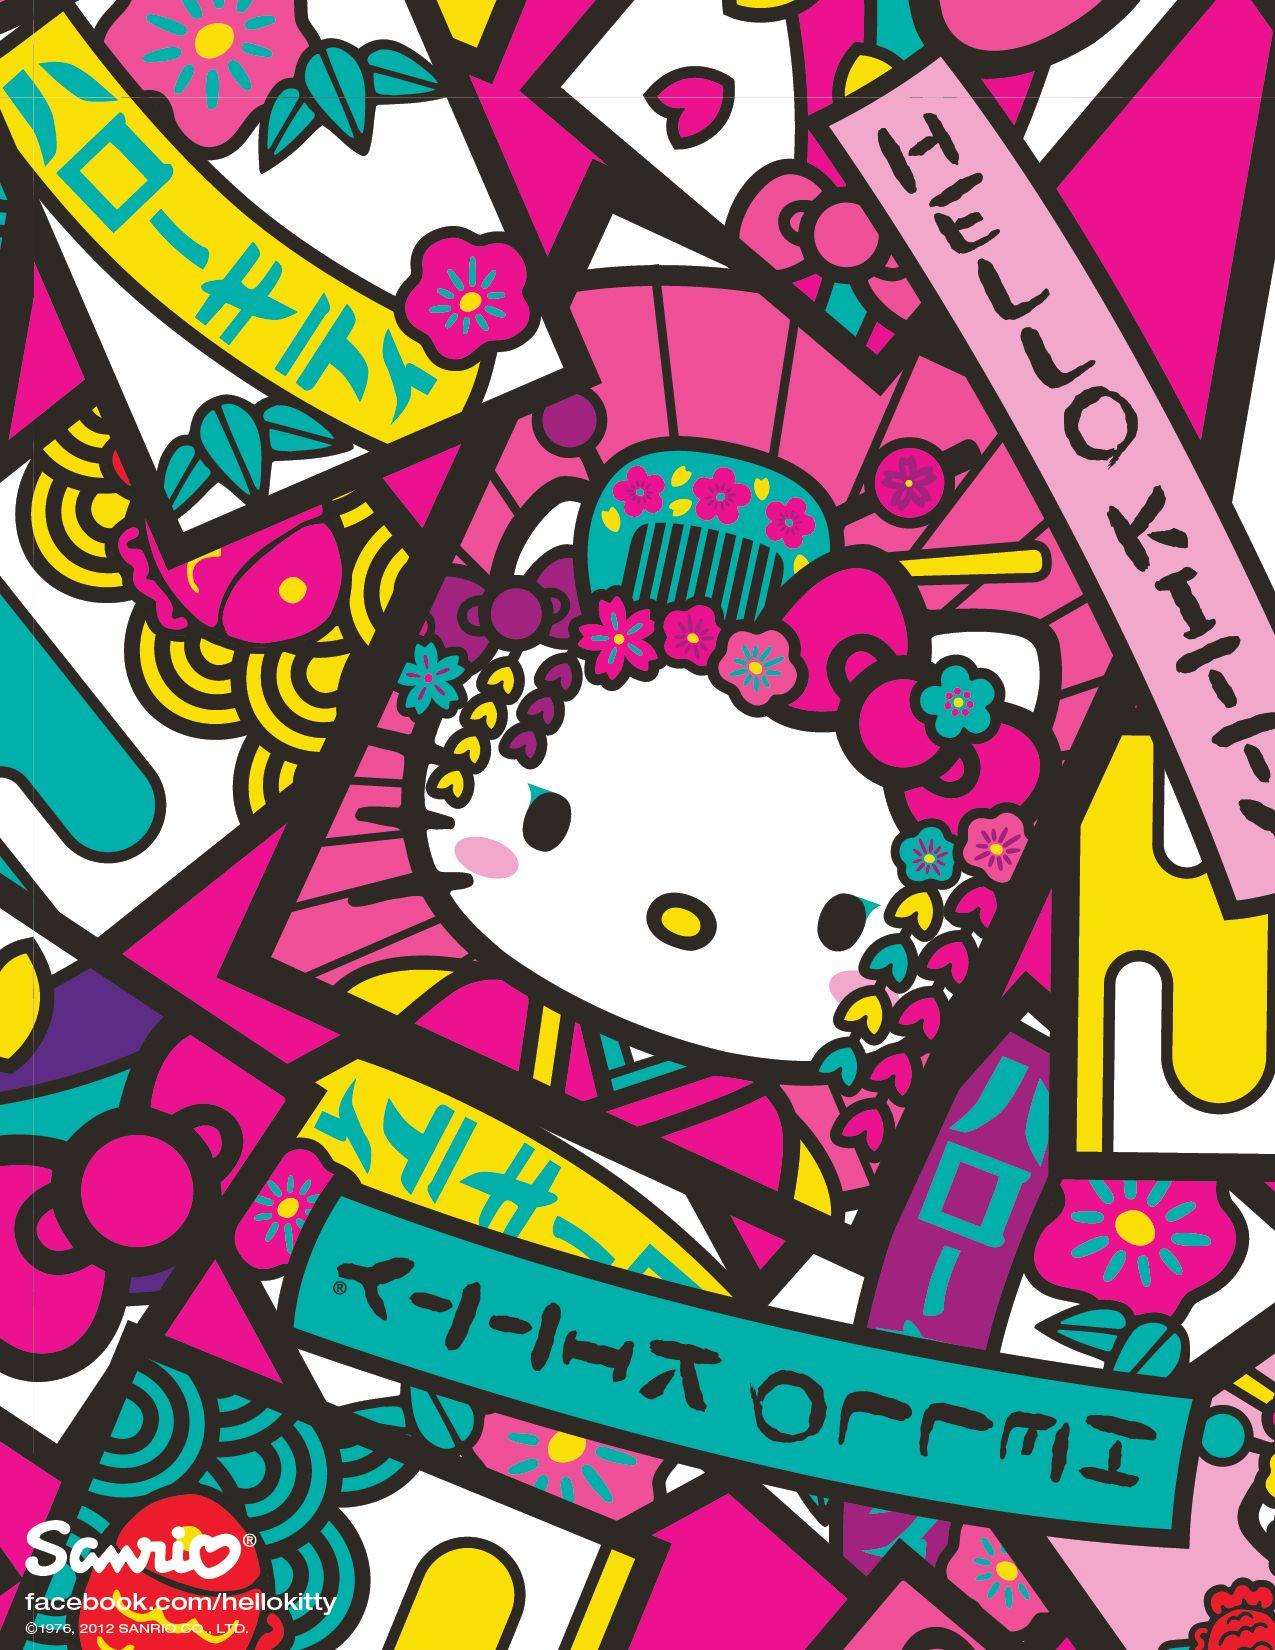 Most Inspiring Wallpaper Hello Kitty Facebook - 7913b0847eaa5286c9e344e0b1d7b395  Gallery_878490.jpg